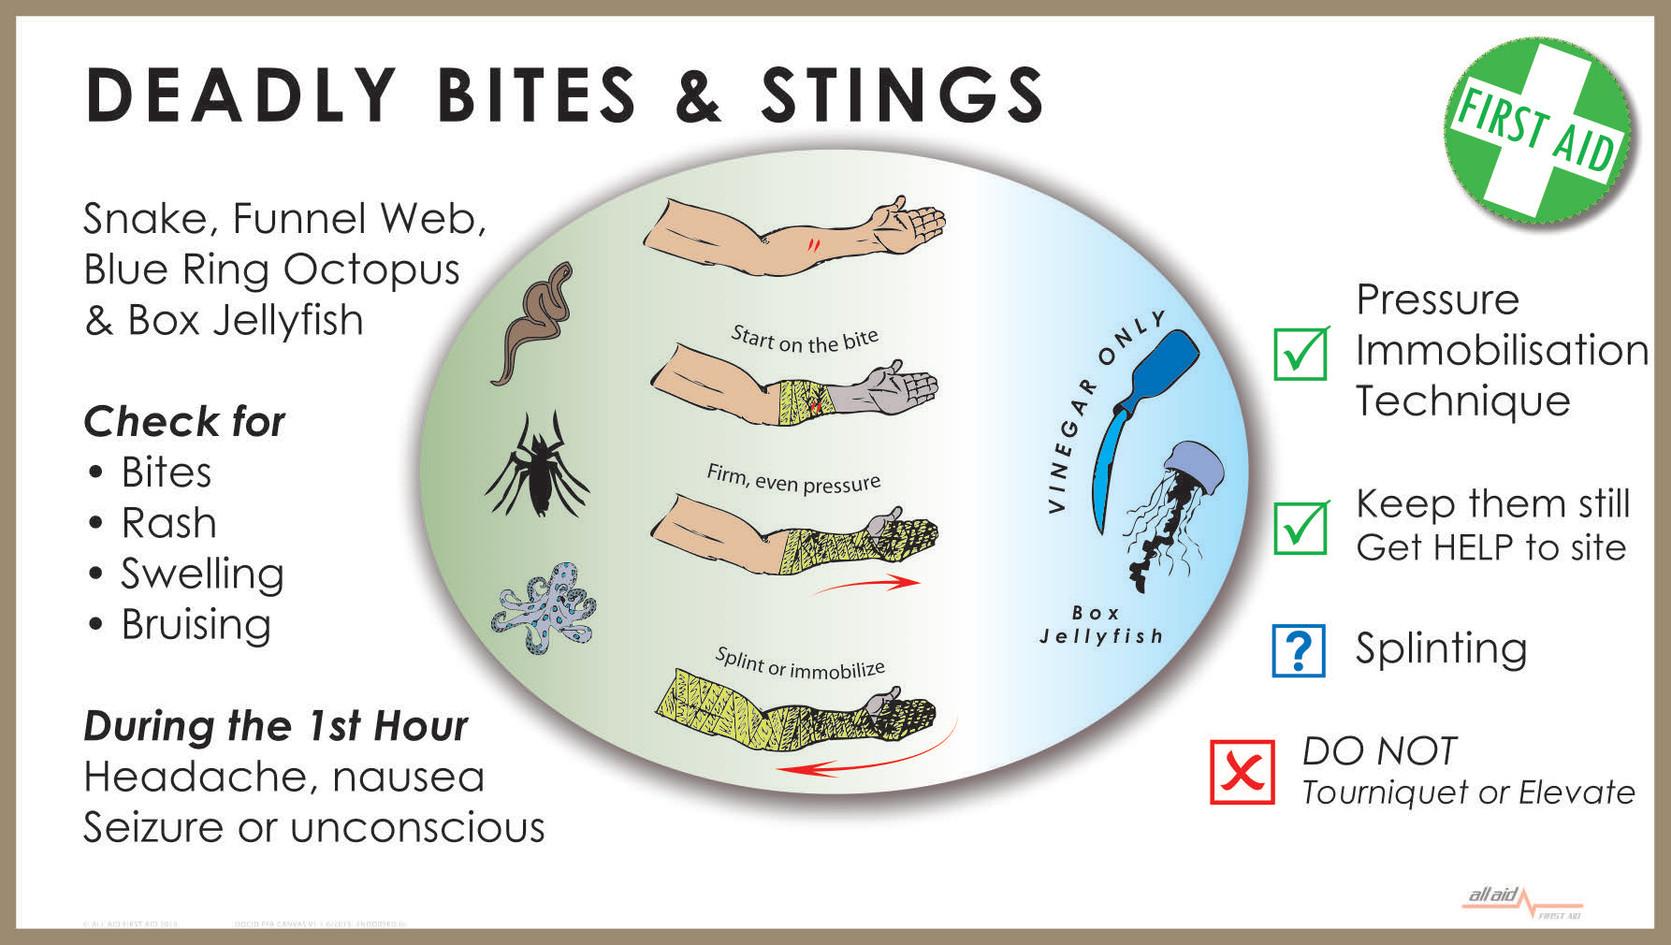 deadly bites.jpg